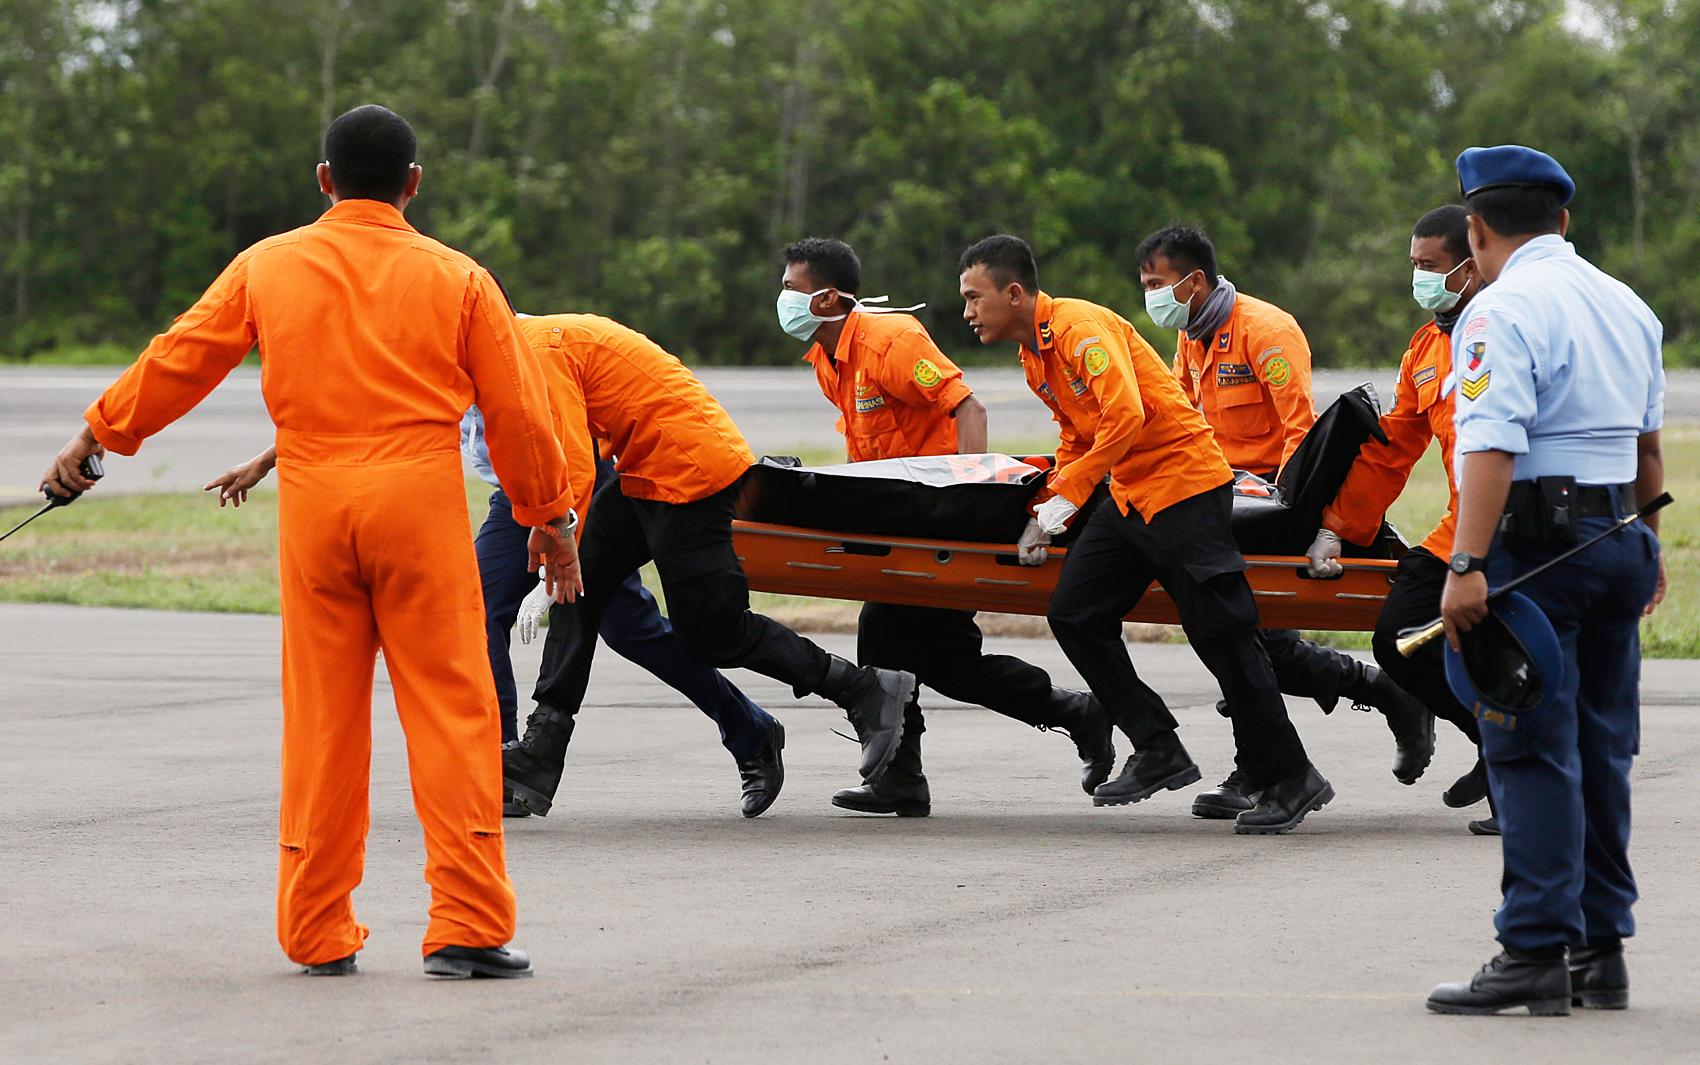 31/12 - Equipes de resgate descarregam o corpo de uma das vítimas do voo da AirAsia nesta quarta-feira (31)